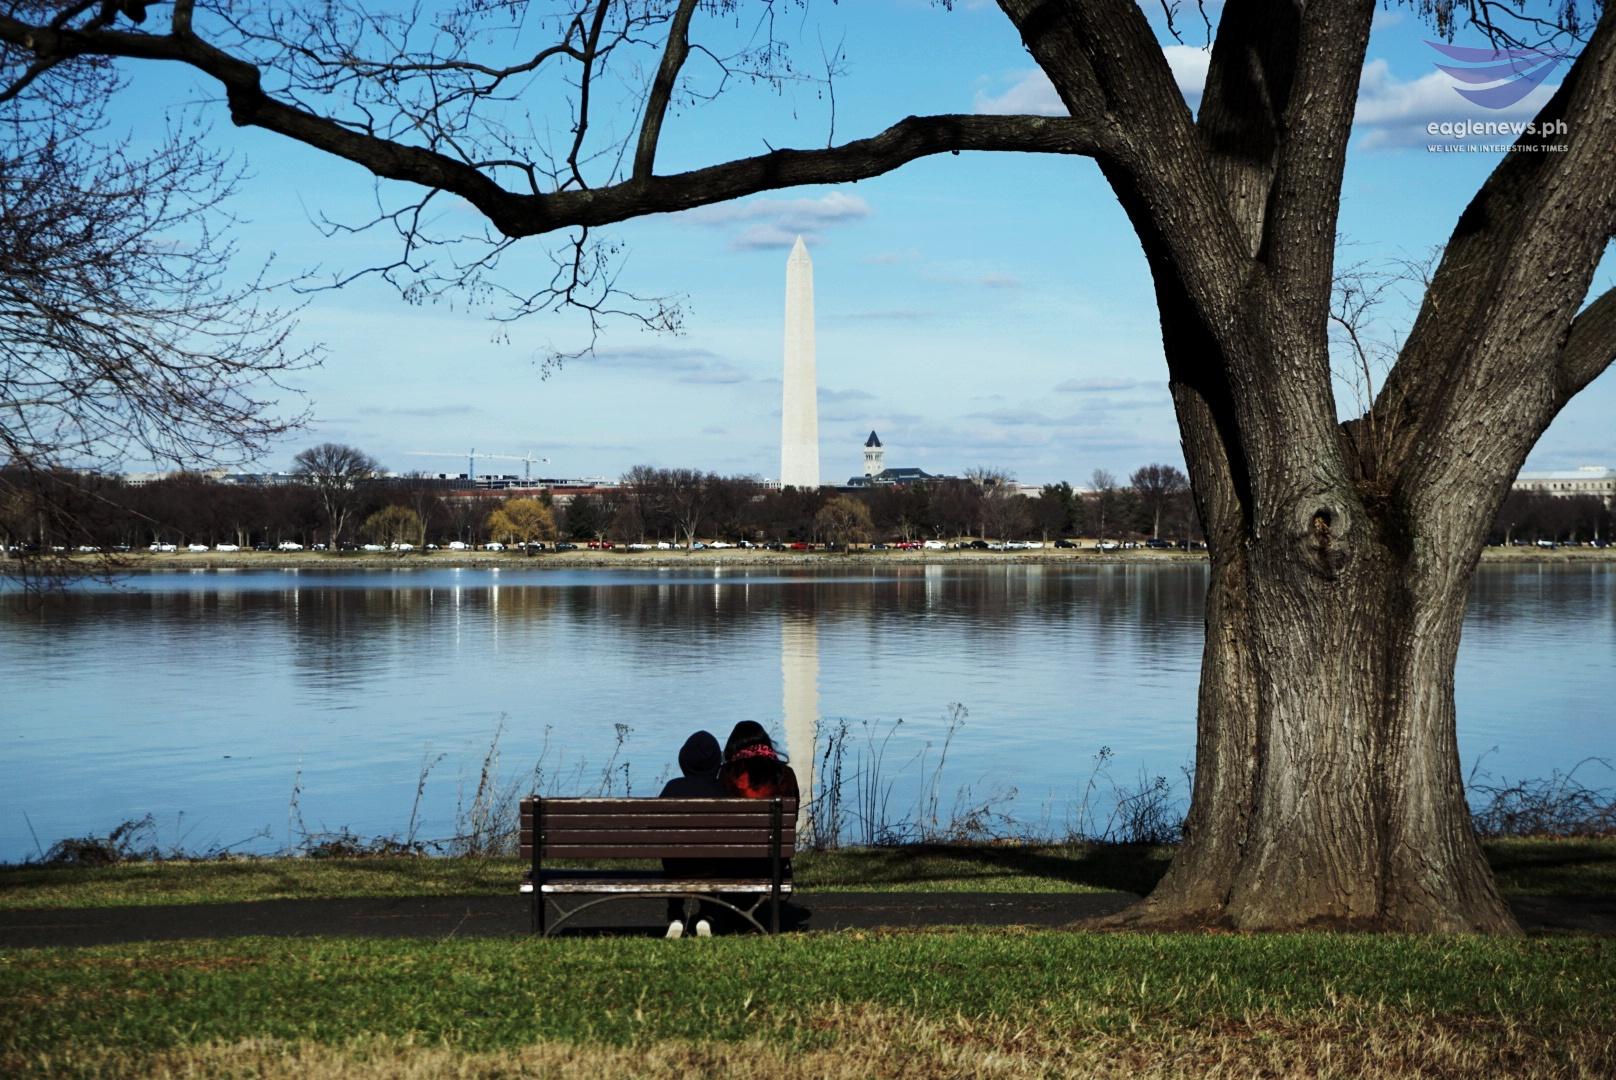 #EBCPhotography: Washington Memorial from across the Potomac